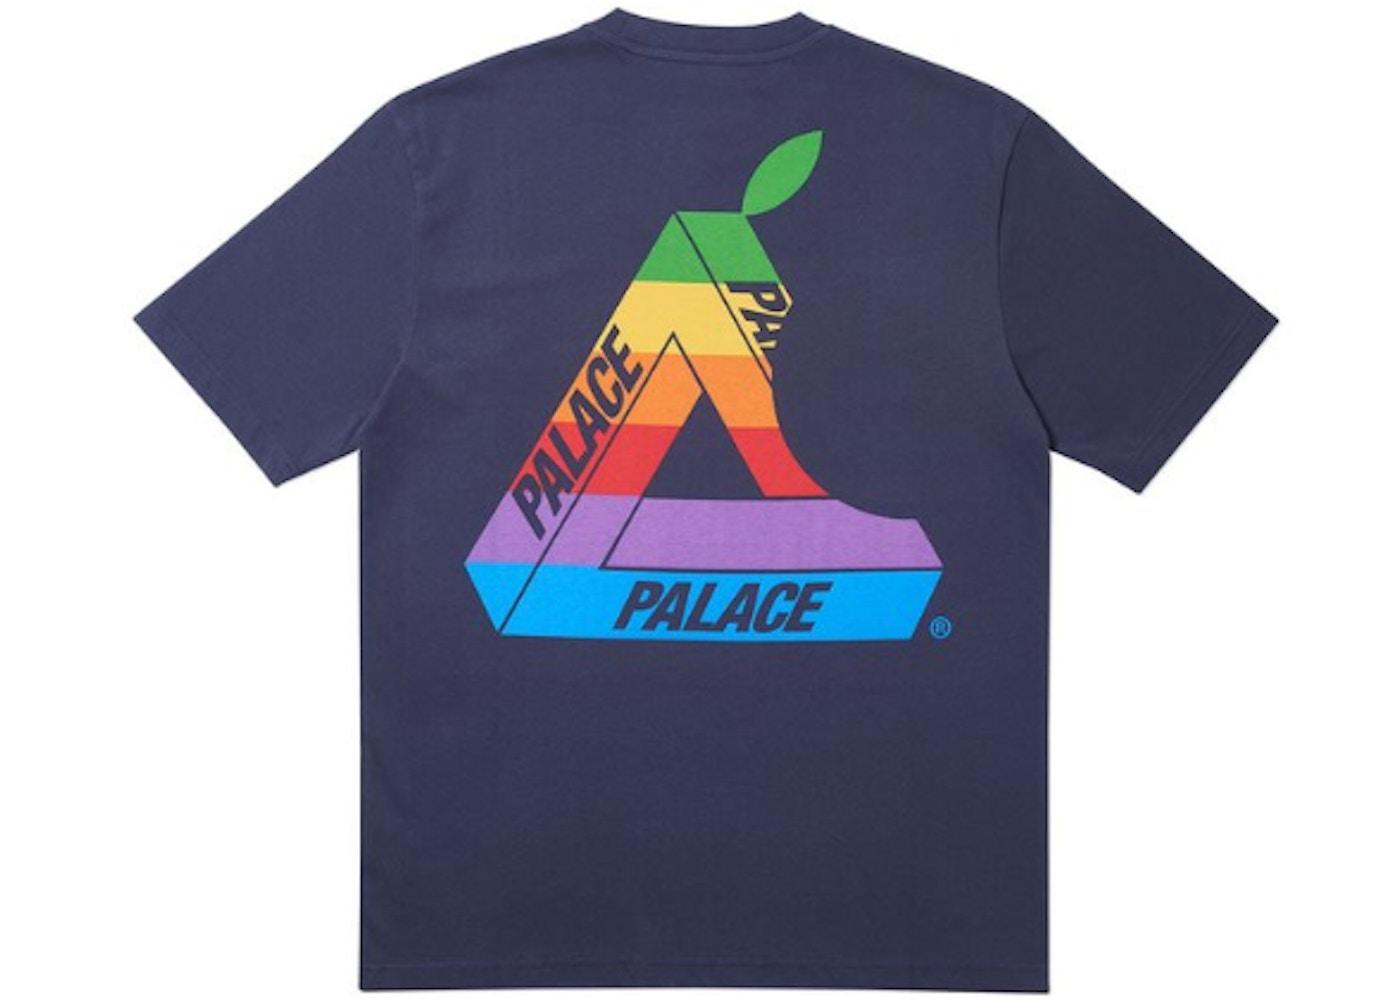 8a4616f0862e Palace T-Shirts - Buy   Sell Streetwear